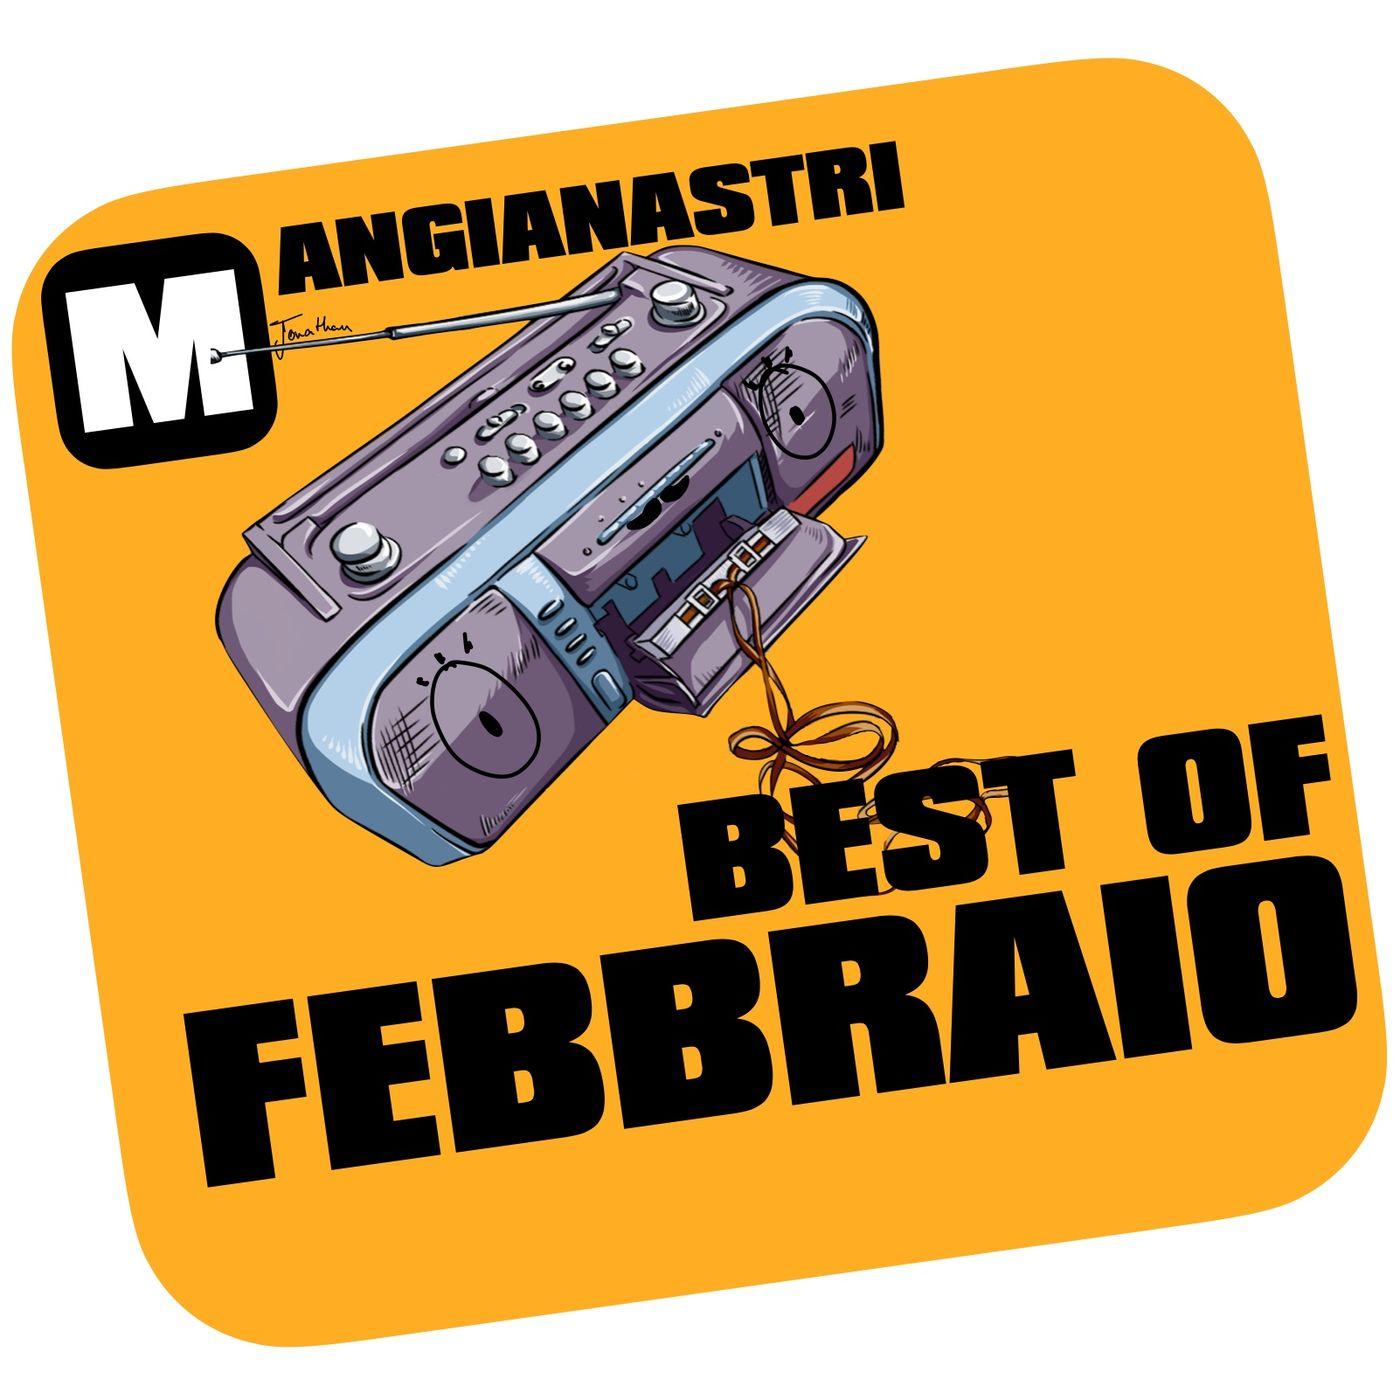 Best of Febbraio | TOP 3 dei miei brani preferiti del mese scorso